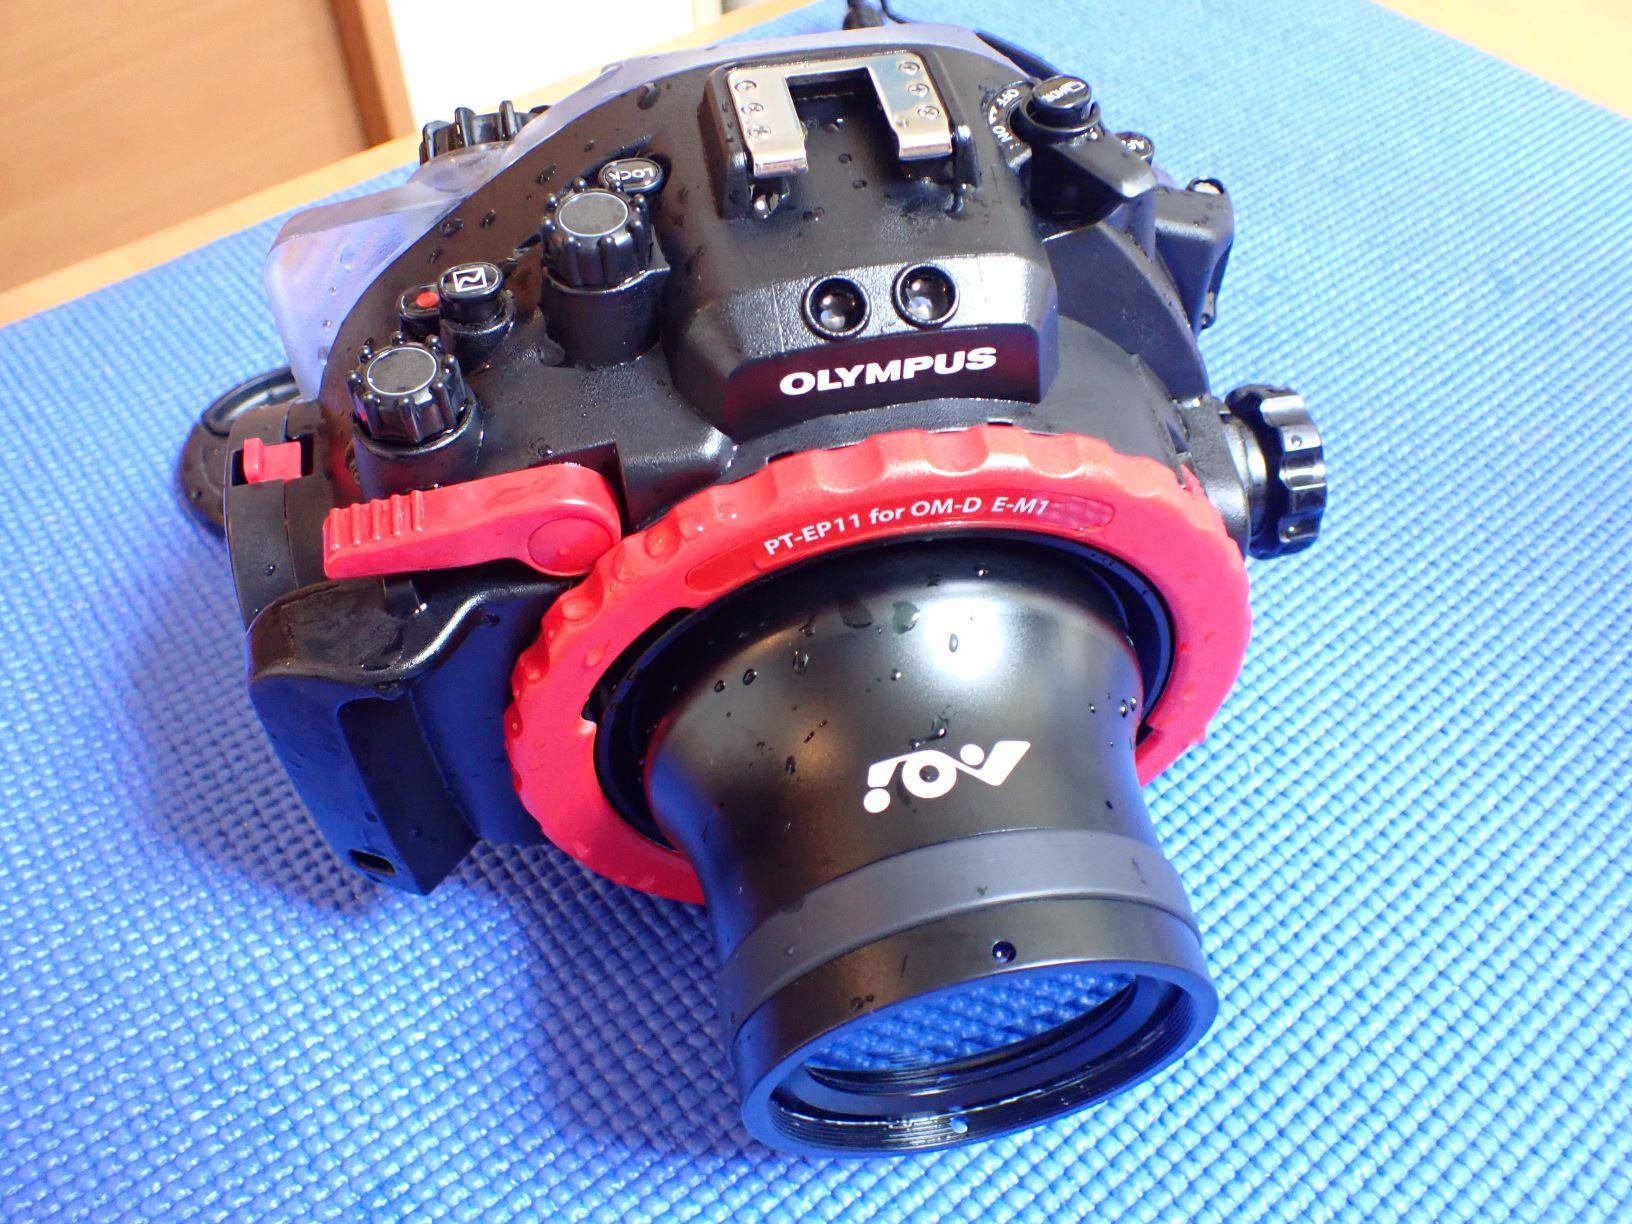 中古水中カメラ機材 PT-EP11防水プロテクター(E-M1用)